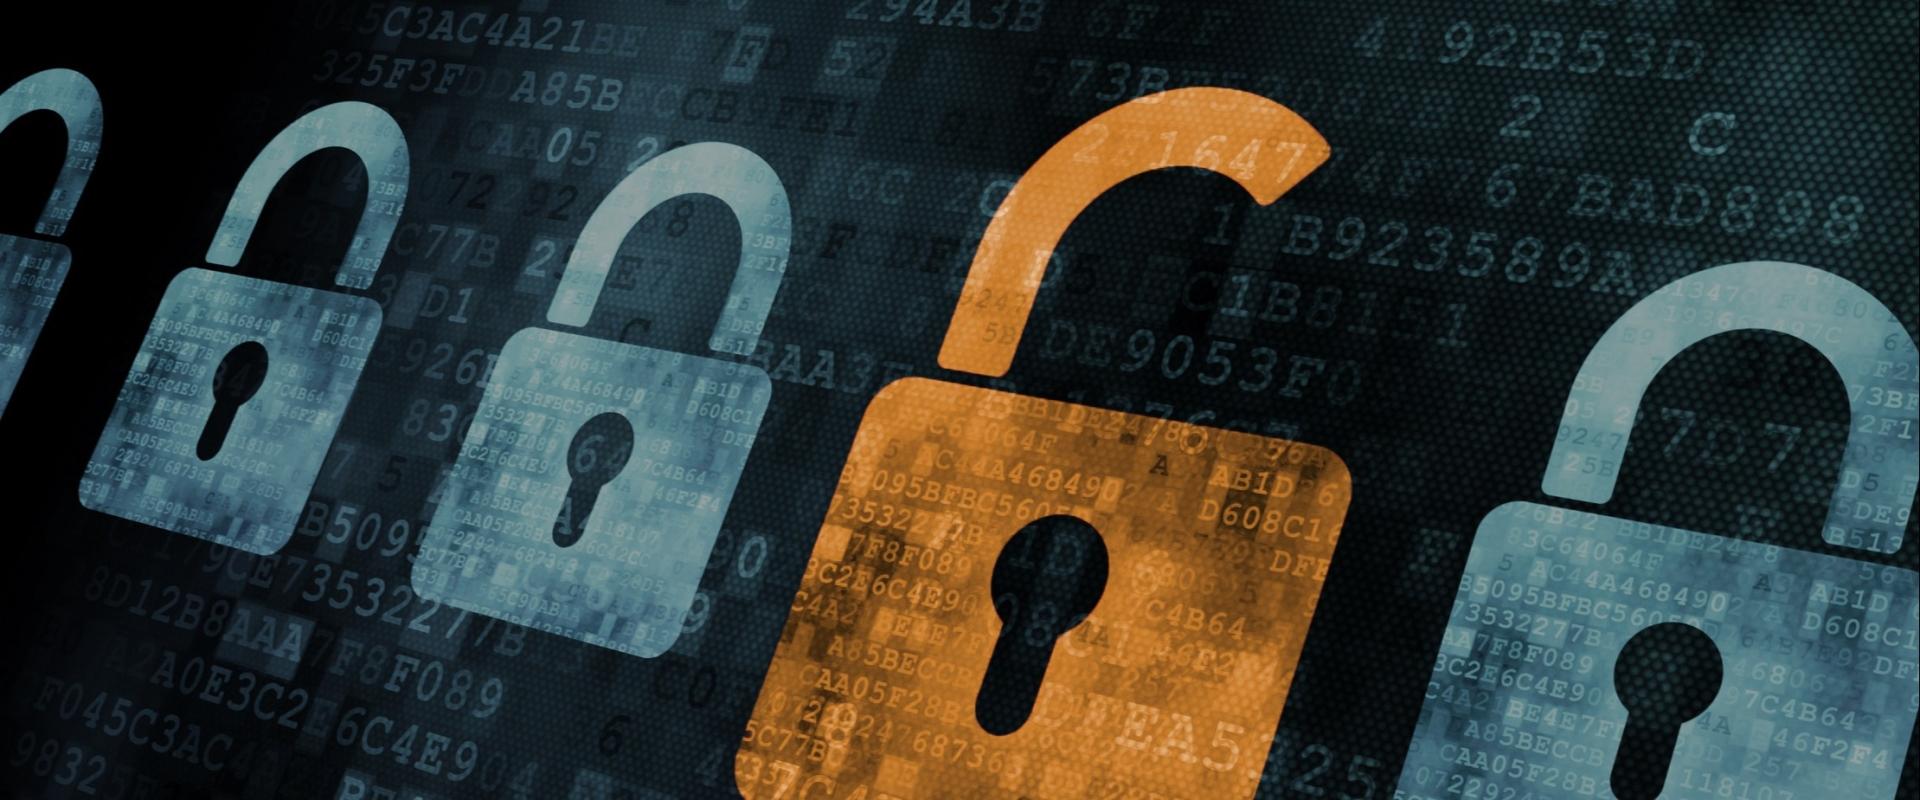 De oorzaken en gevolgen van gegevenslekkages